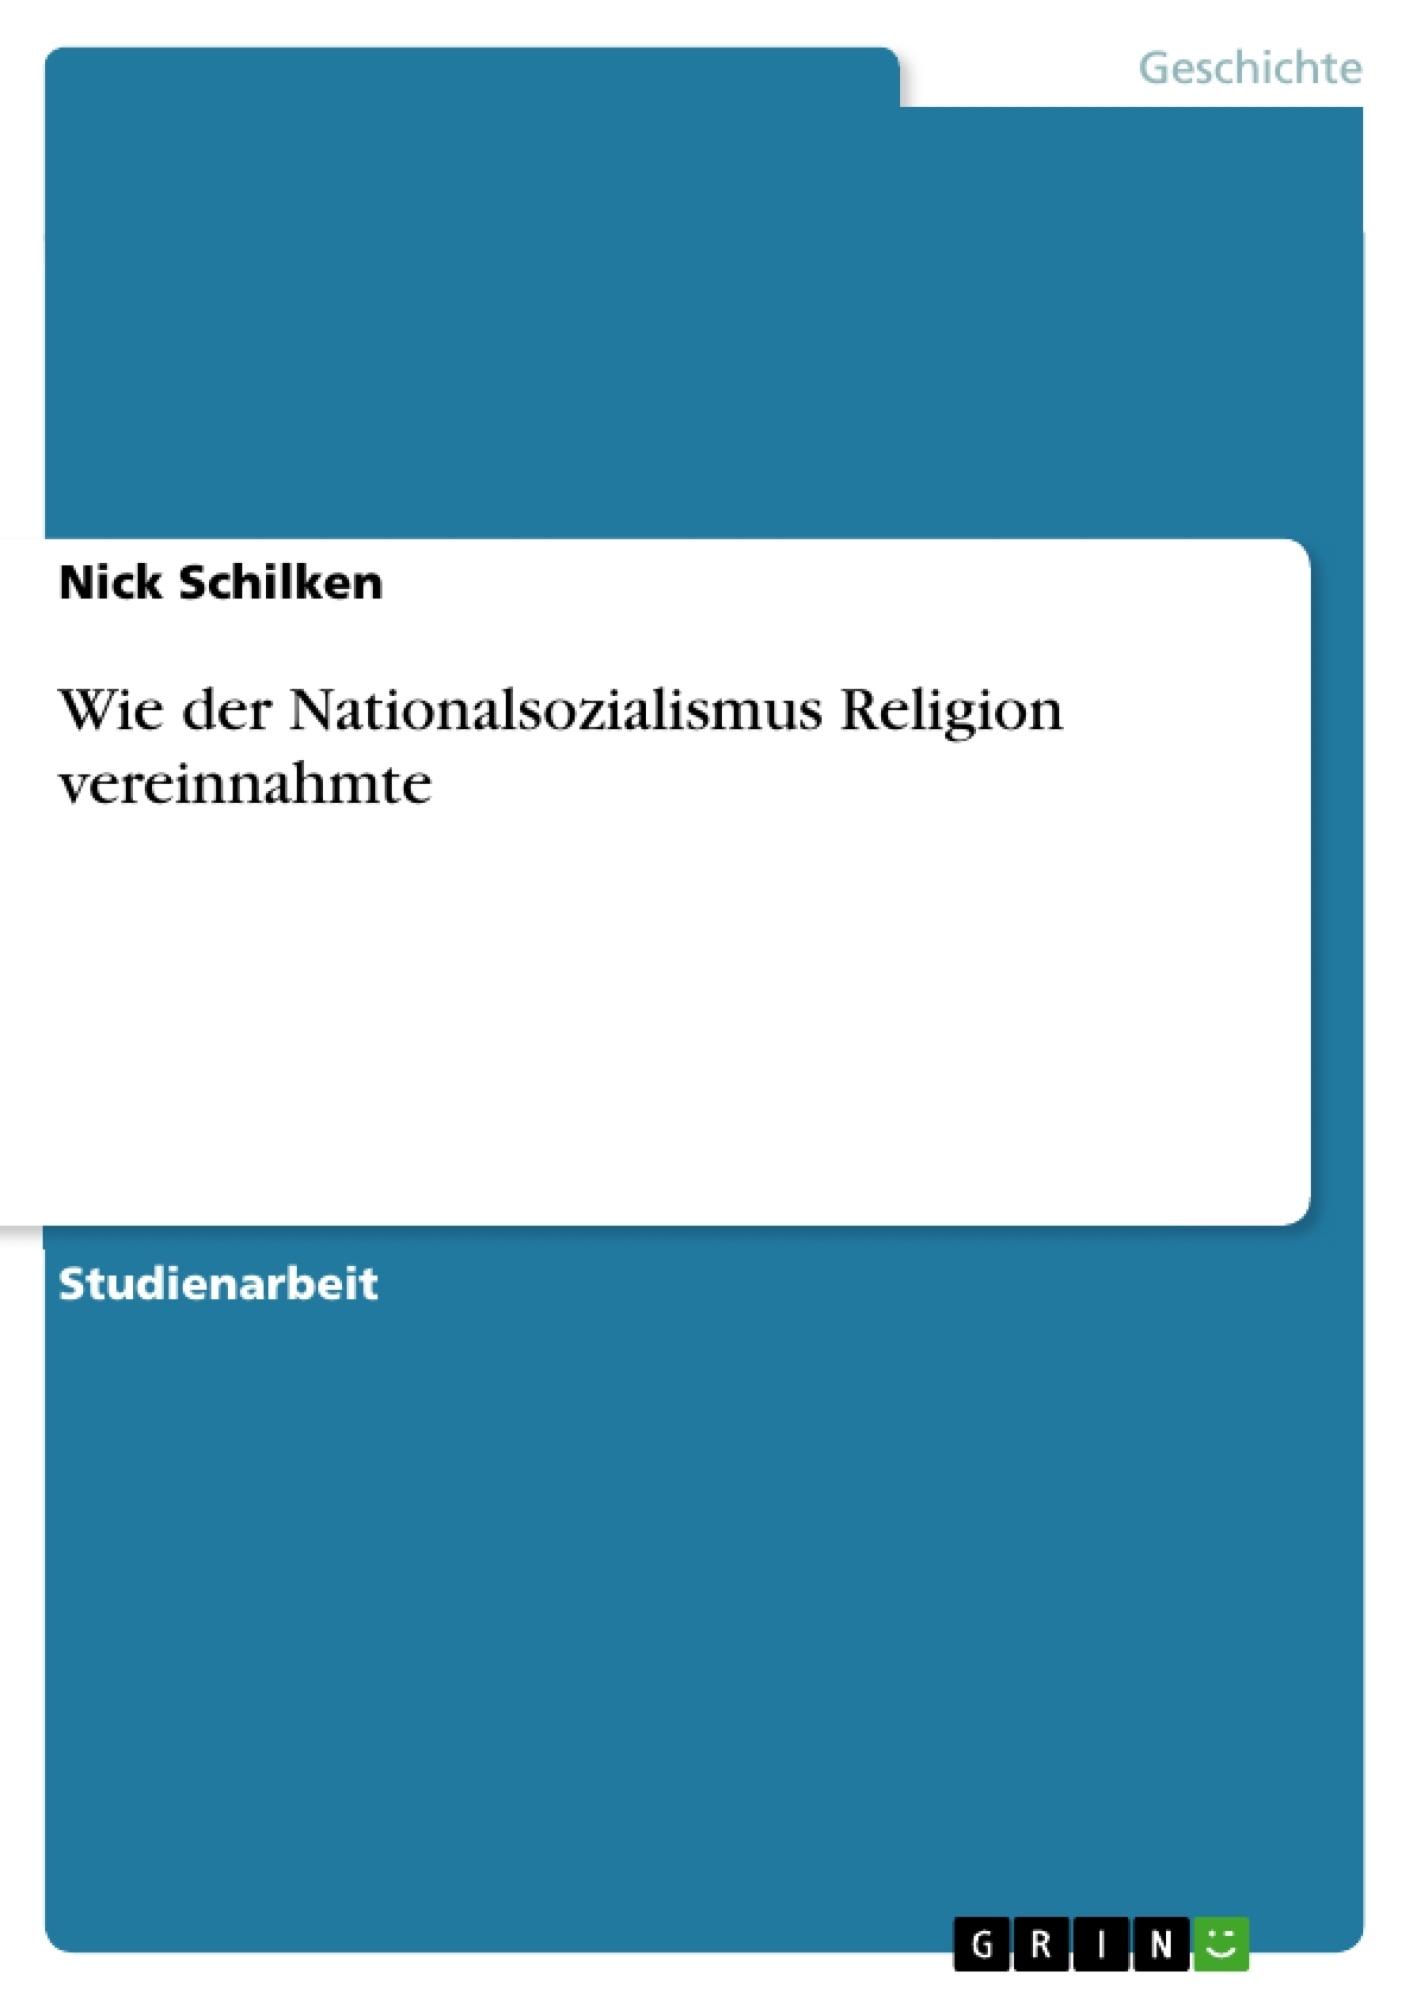 Titel: Wie der Nationalsozialismus Religion vereinnahmte